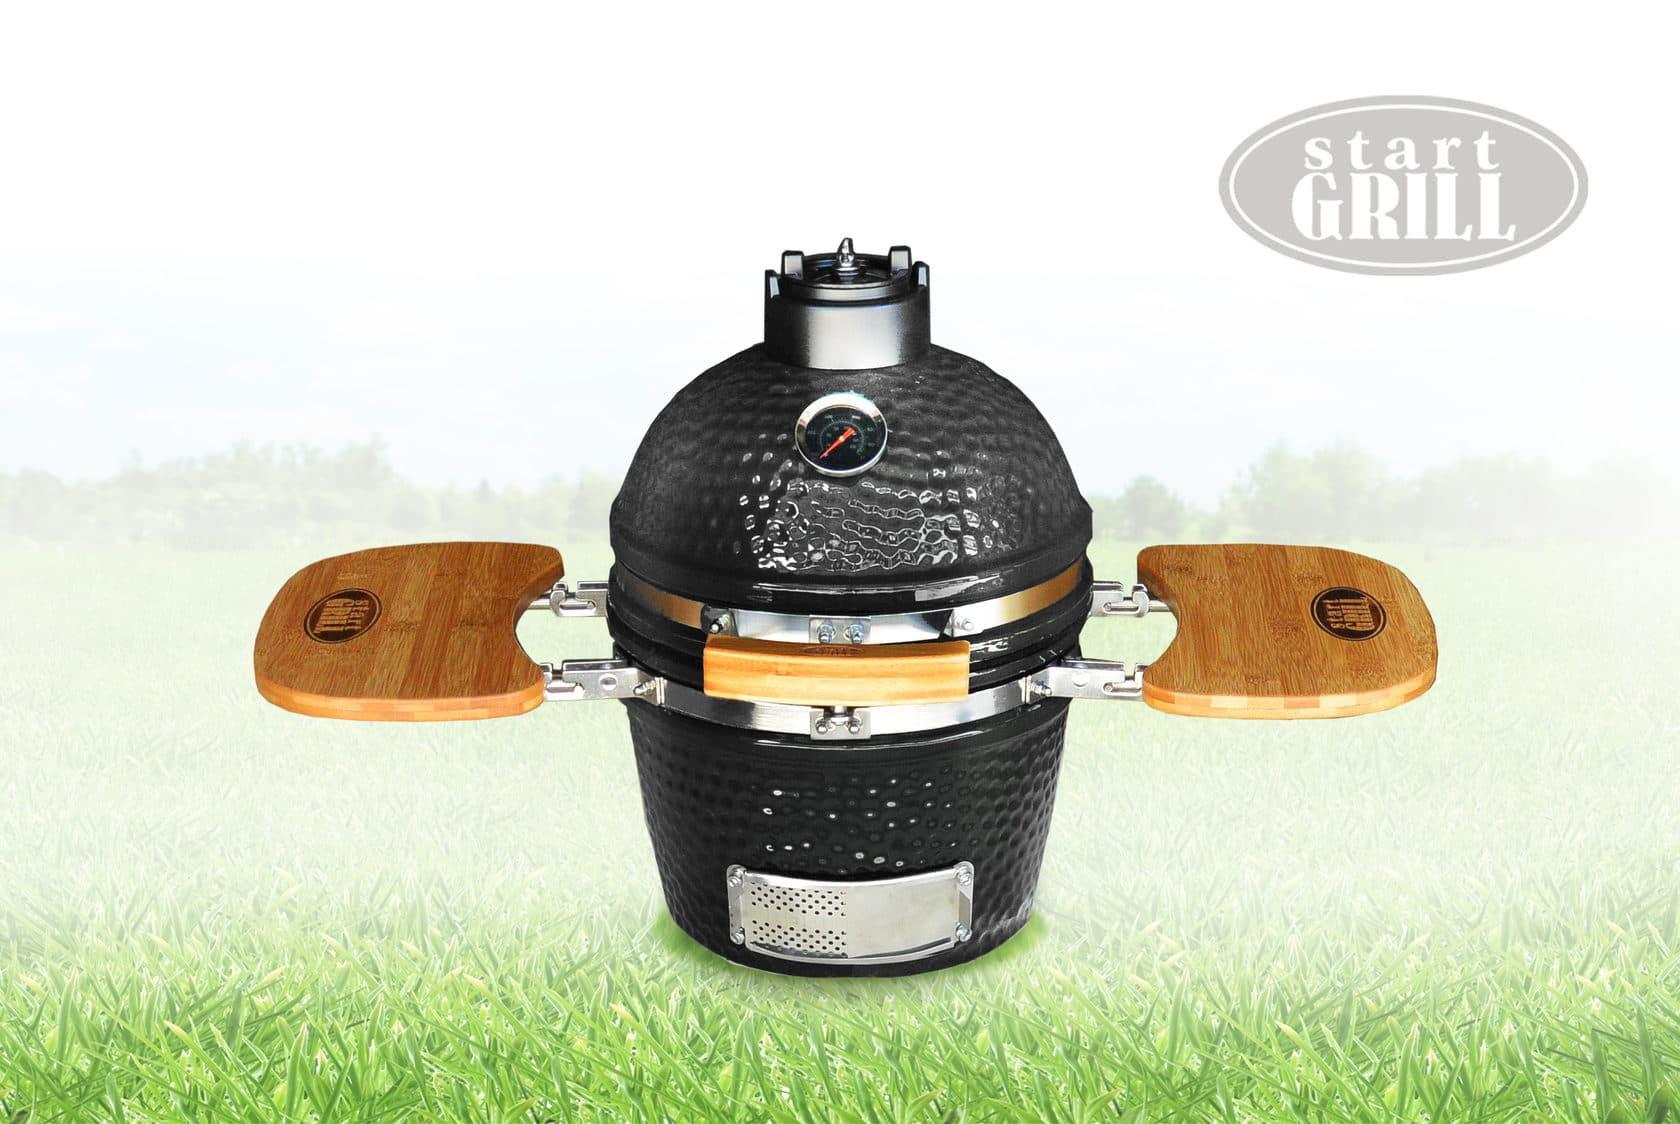 Керамический гриль Start Grill 12 дюймов